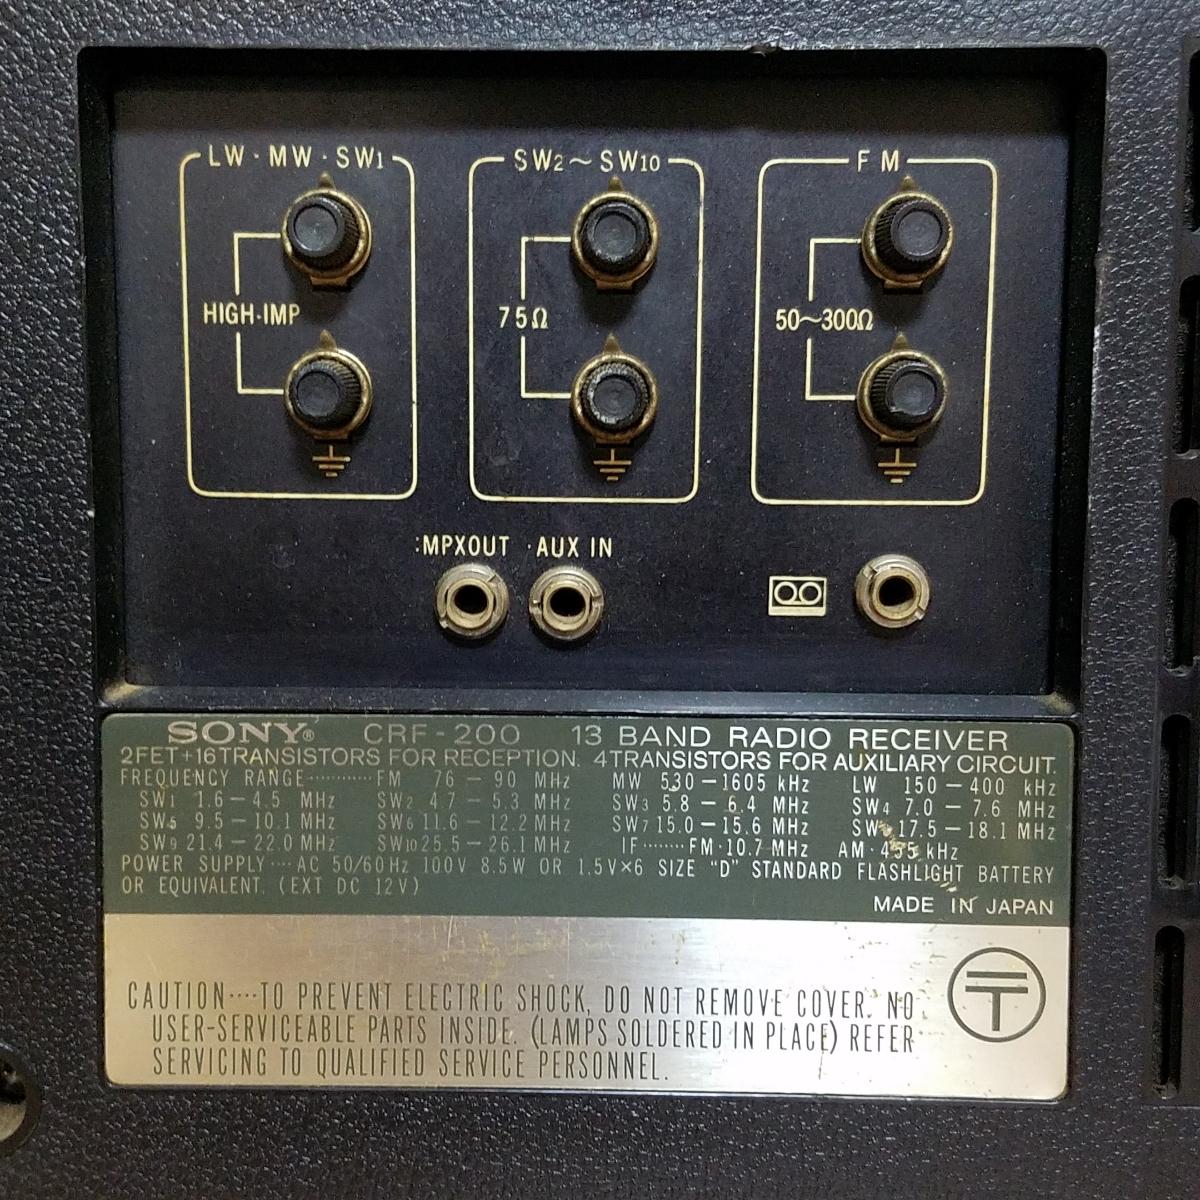 希少 SONY CRF-200 WORLDZONE13 ワールドゾーン 13 BAND RADIO アンティーク ラジオ 中古 簡易動作確認済_画像6